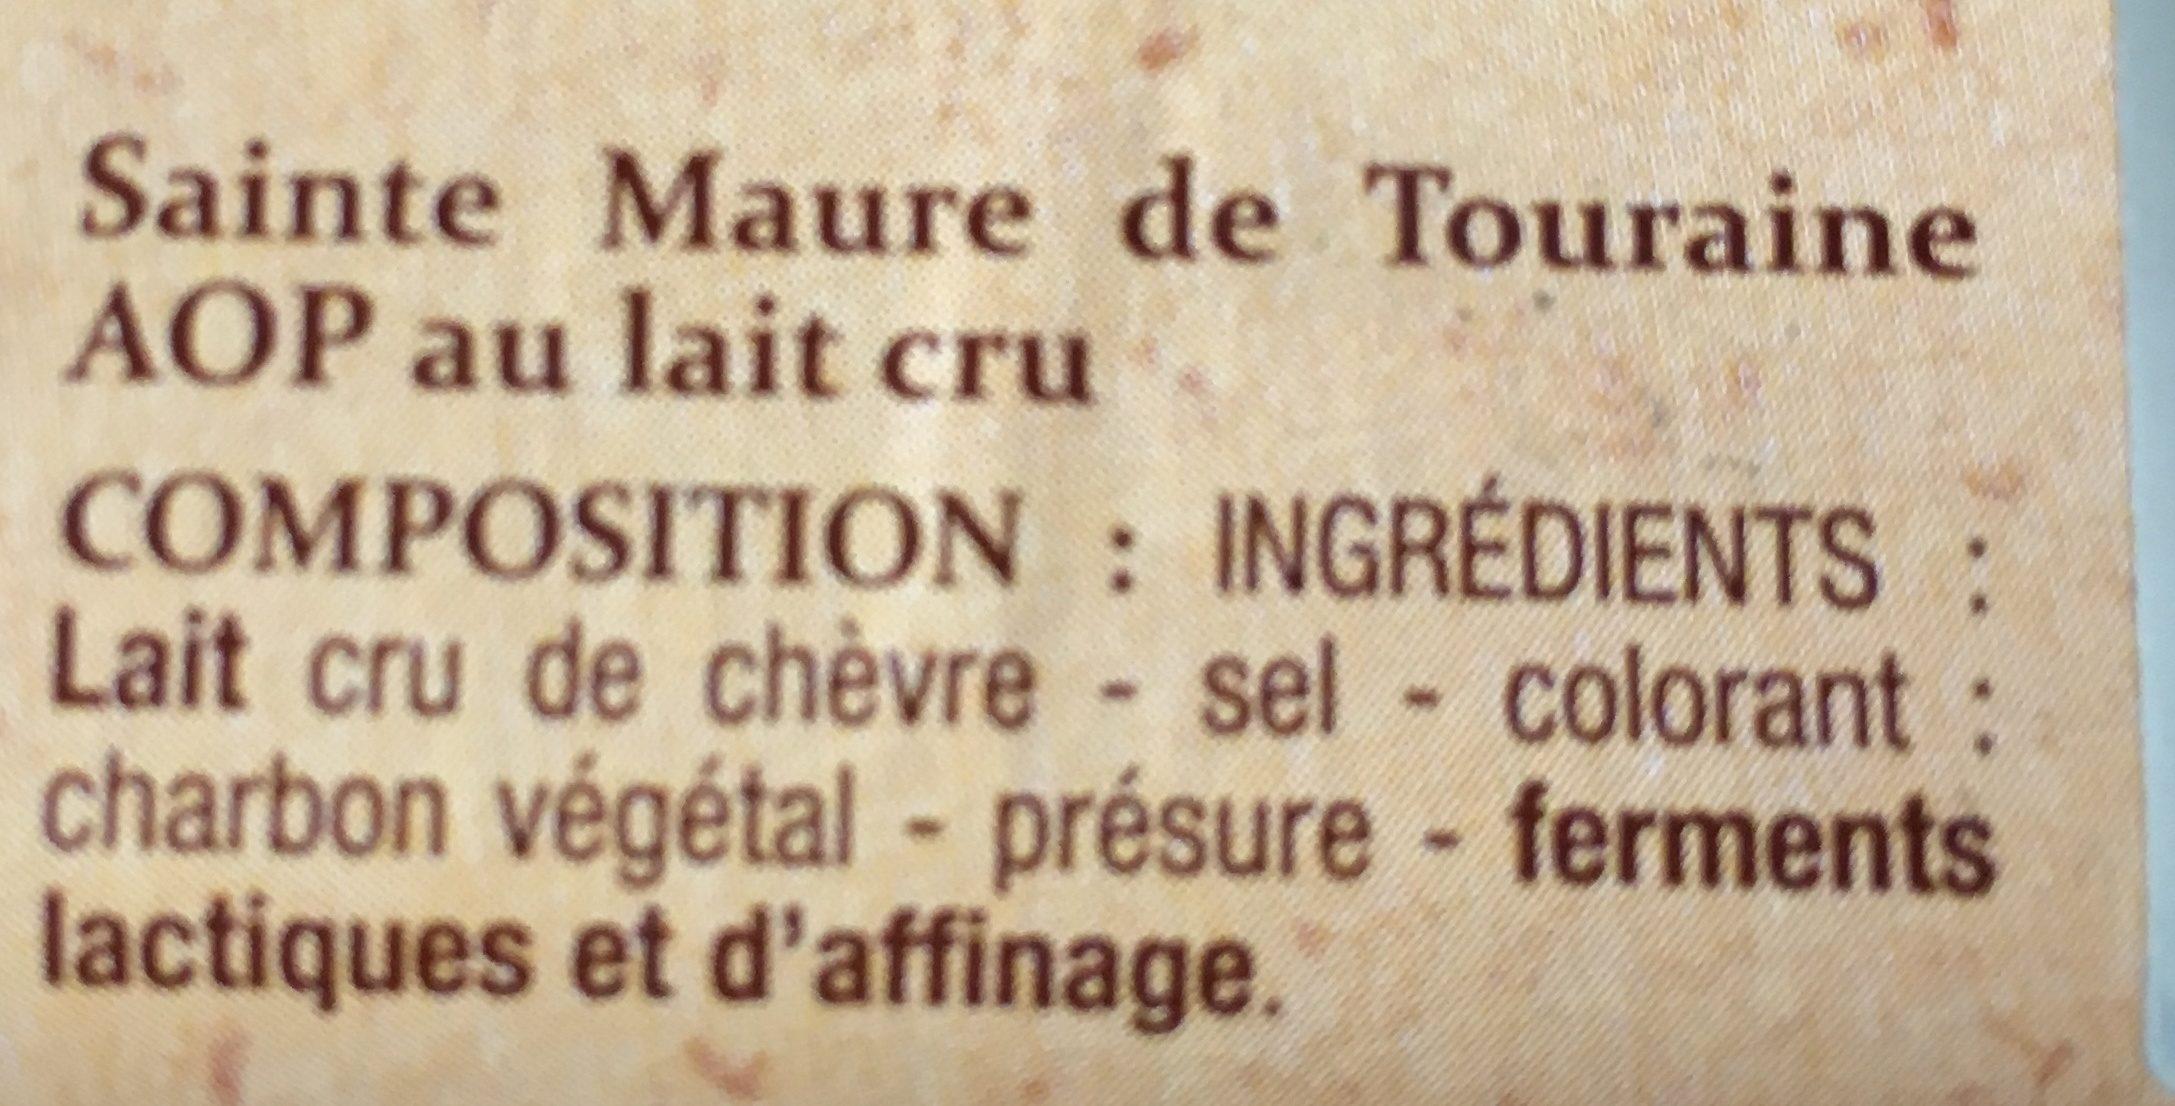 Sainte Maure de Touraine (22% MG) - Ingrédients - fr